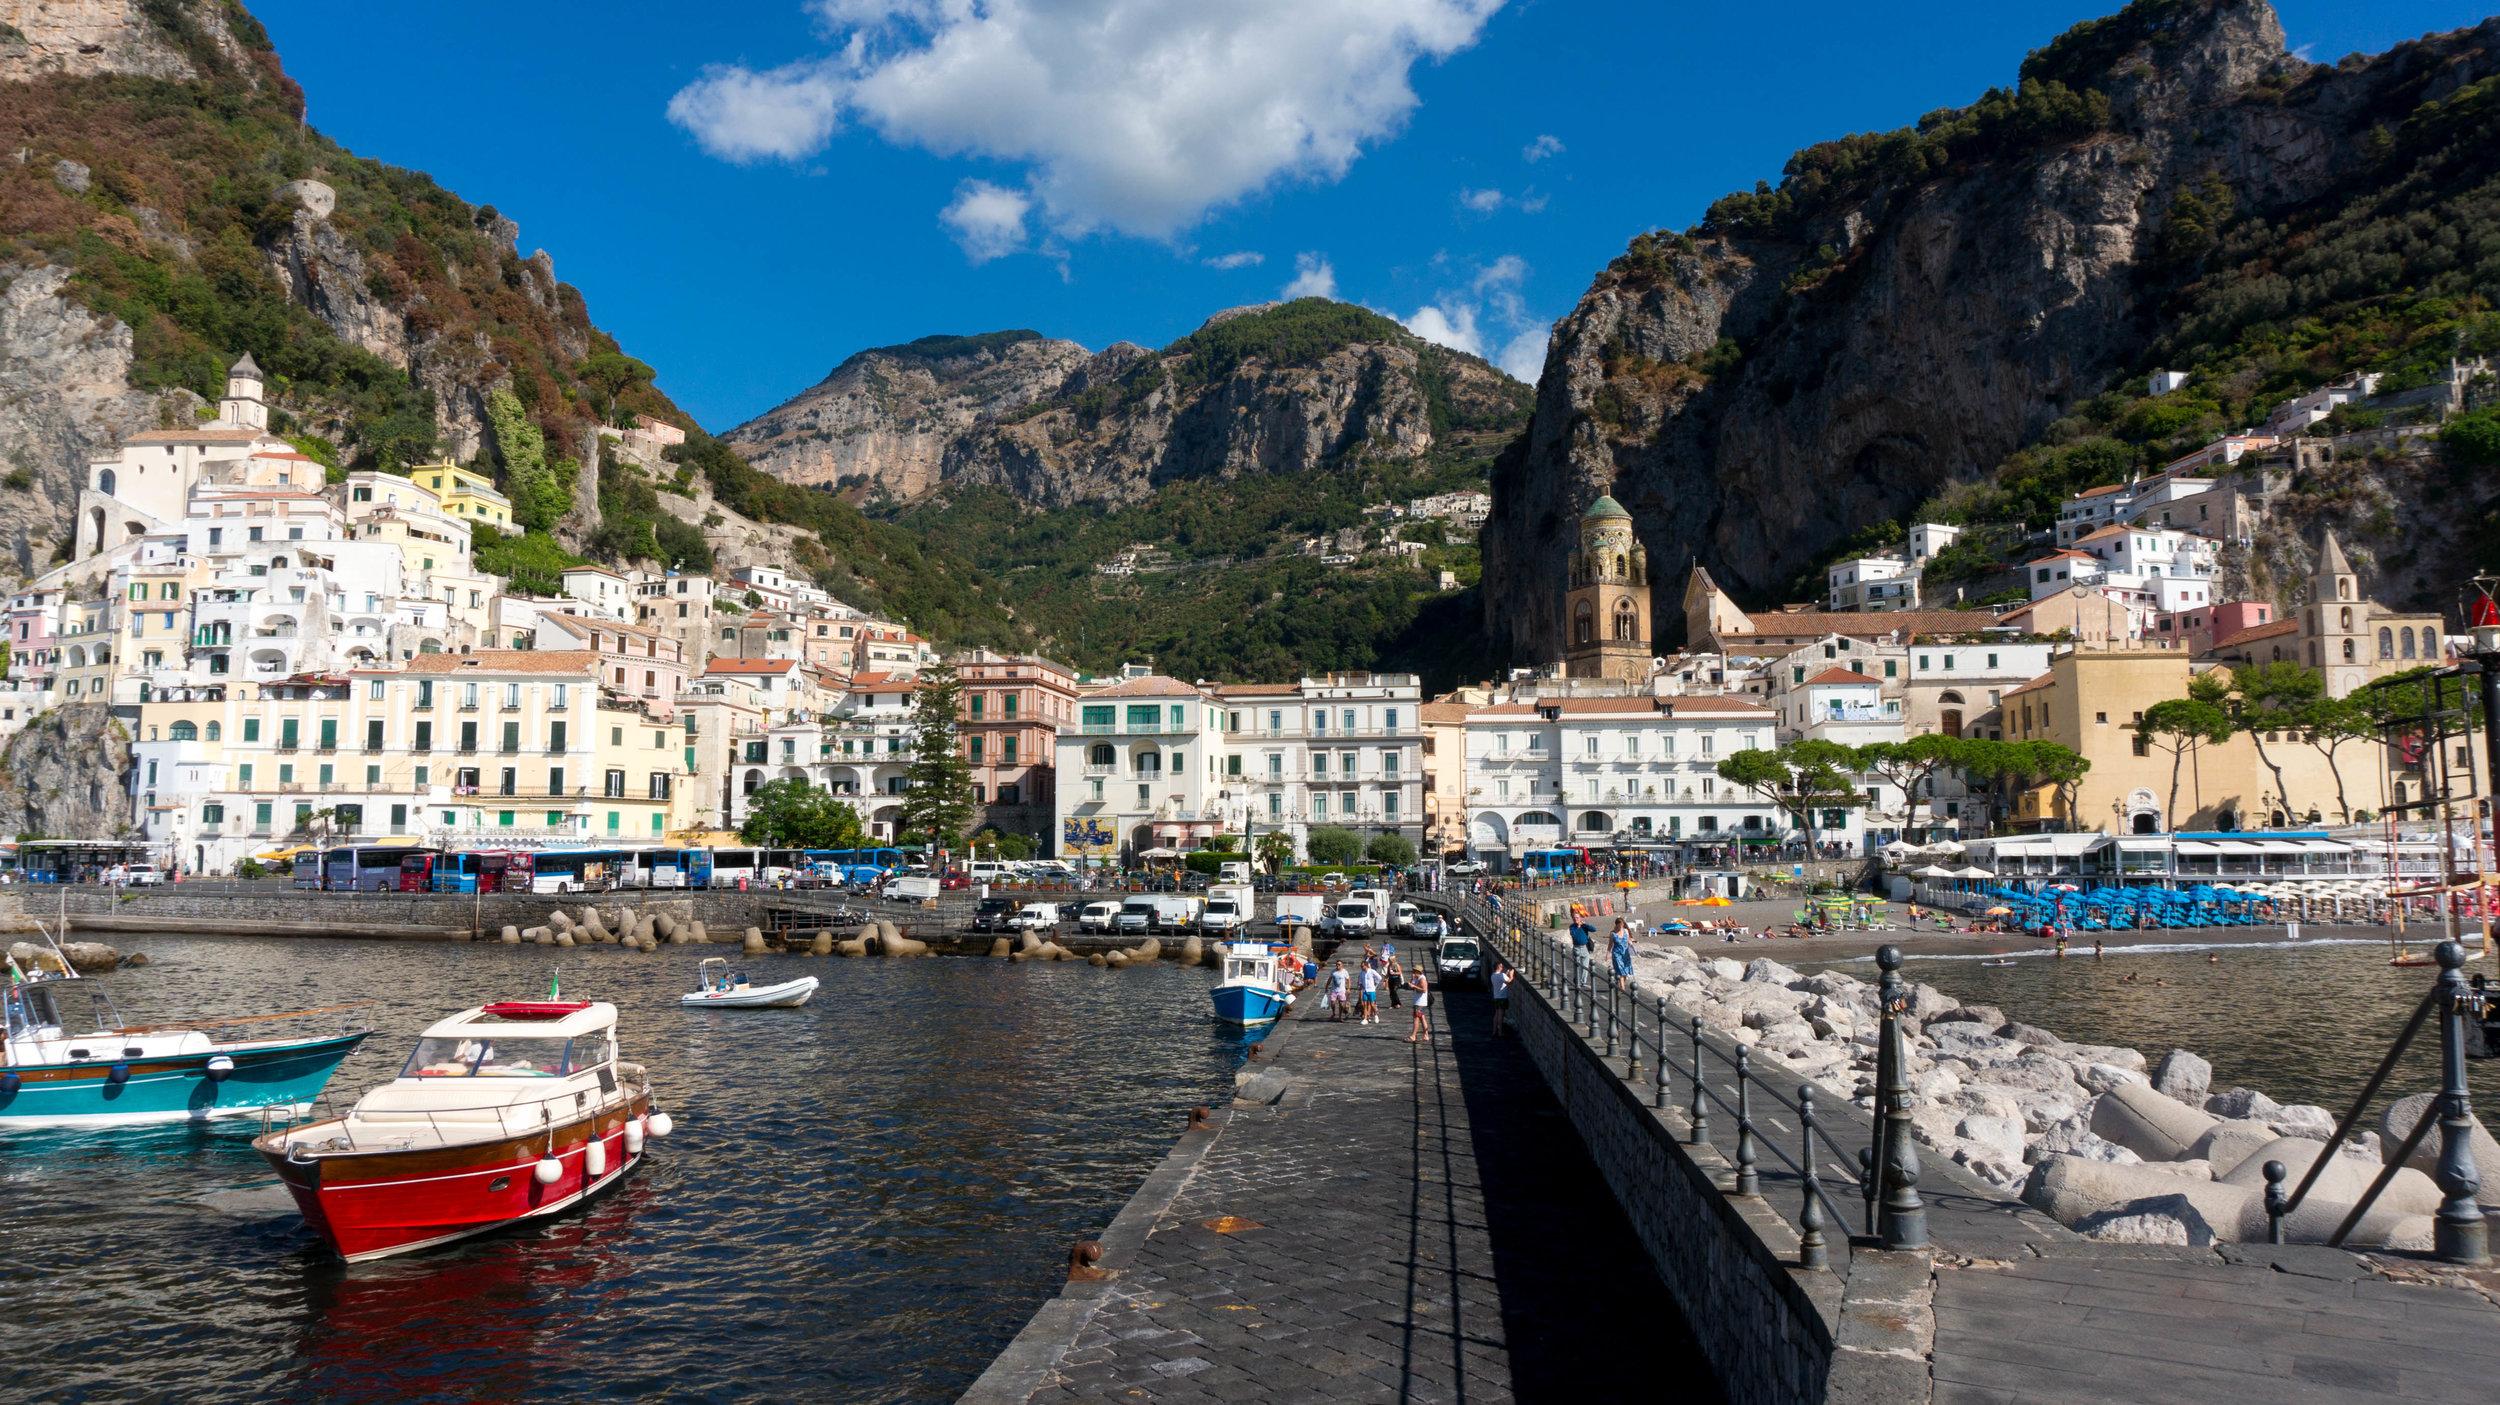 Amalfi Edited-1-3.jpg